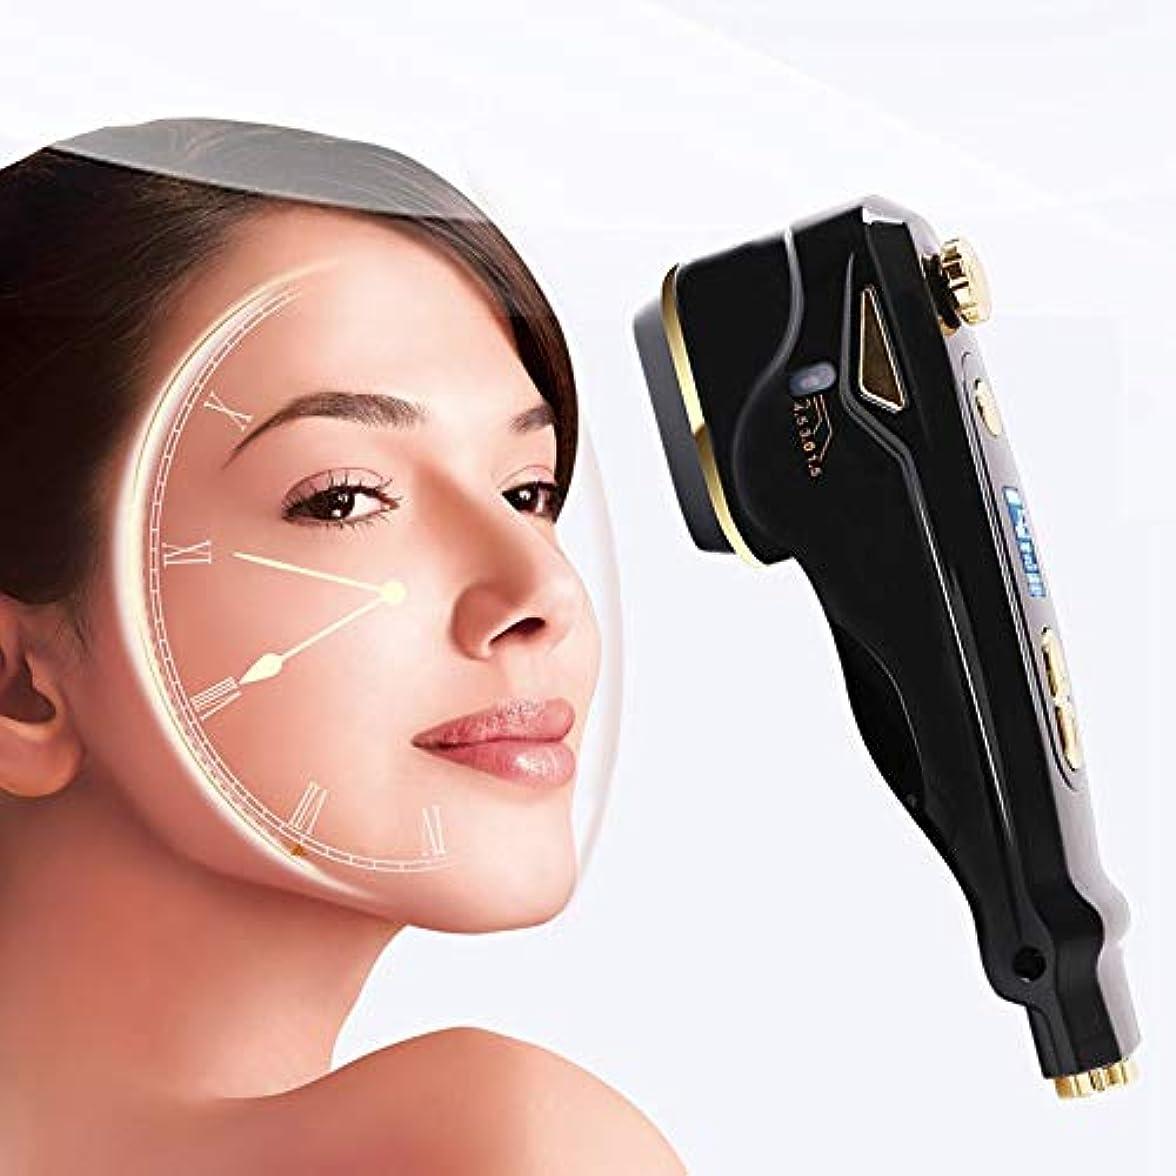 週末スロー消化そばかすを明るくするために使用されるフェイシャル美容機器、フェイシャルマッサージャー、ホームビューティーサロン、肌を引き締め、ダークサークルとアイバッグを暗くする